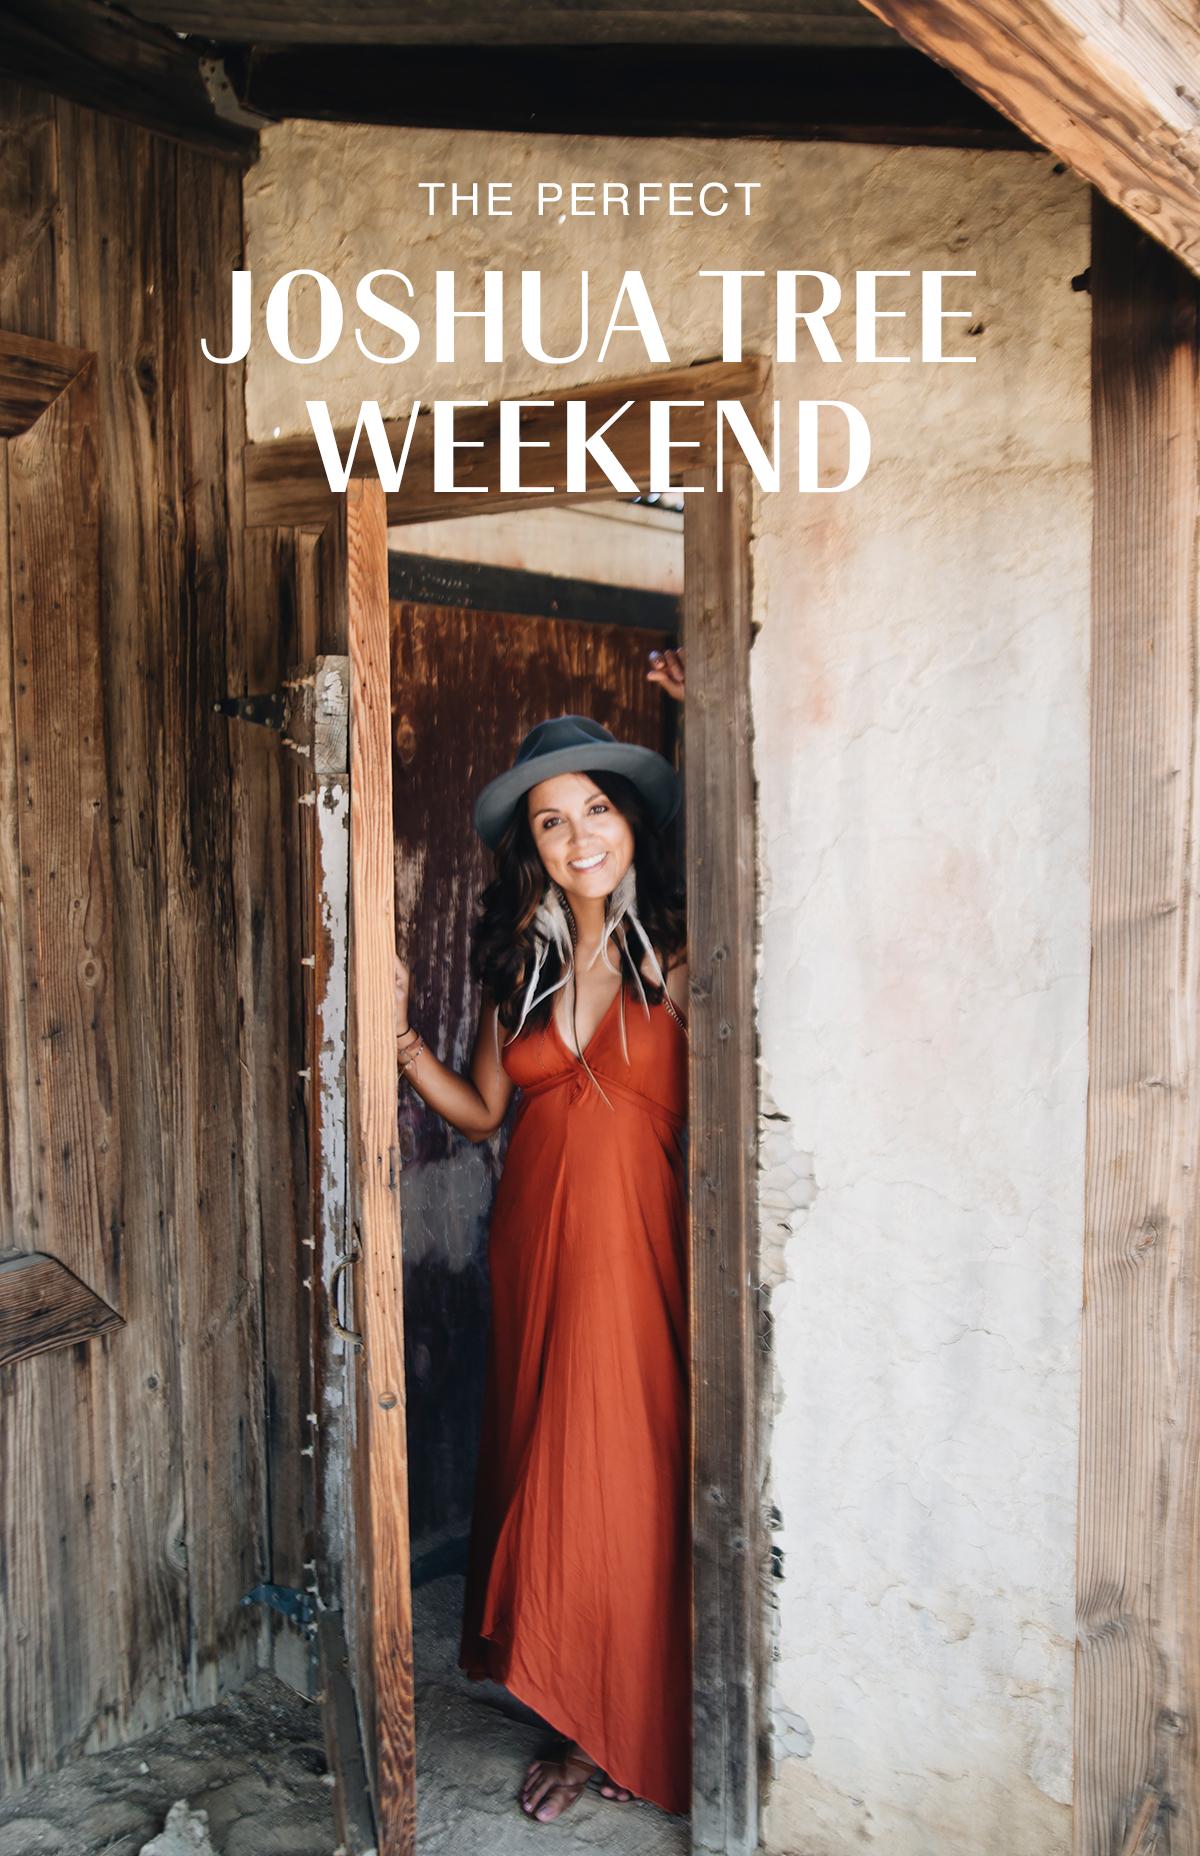 social-chrissihernandez-joshuaTree-weekend-itinerary-02.jpg